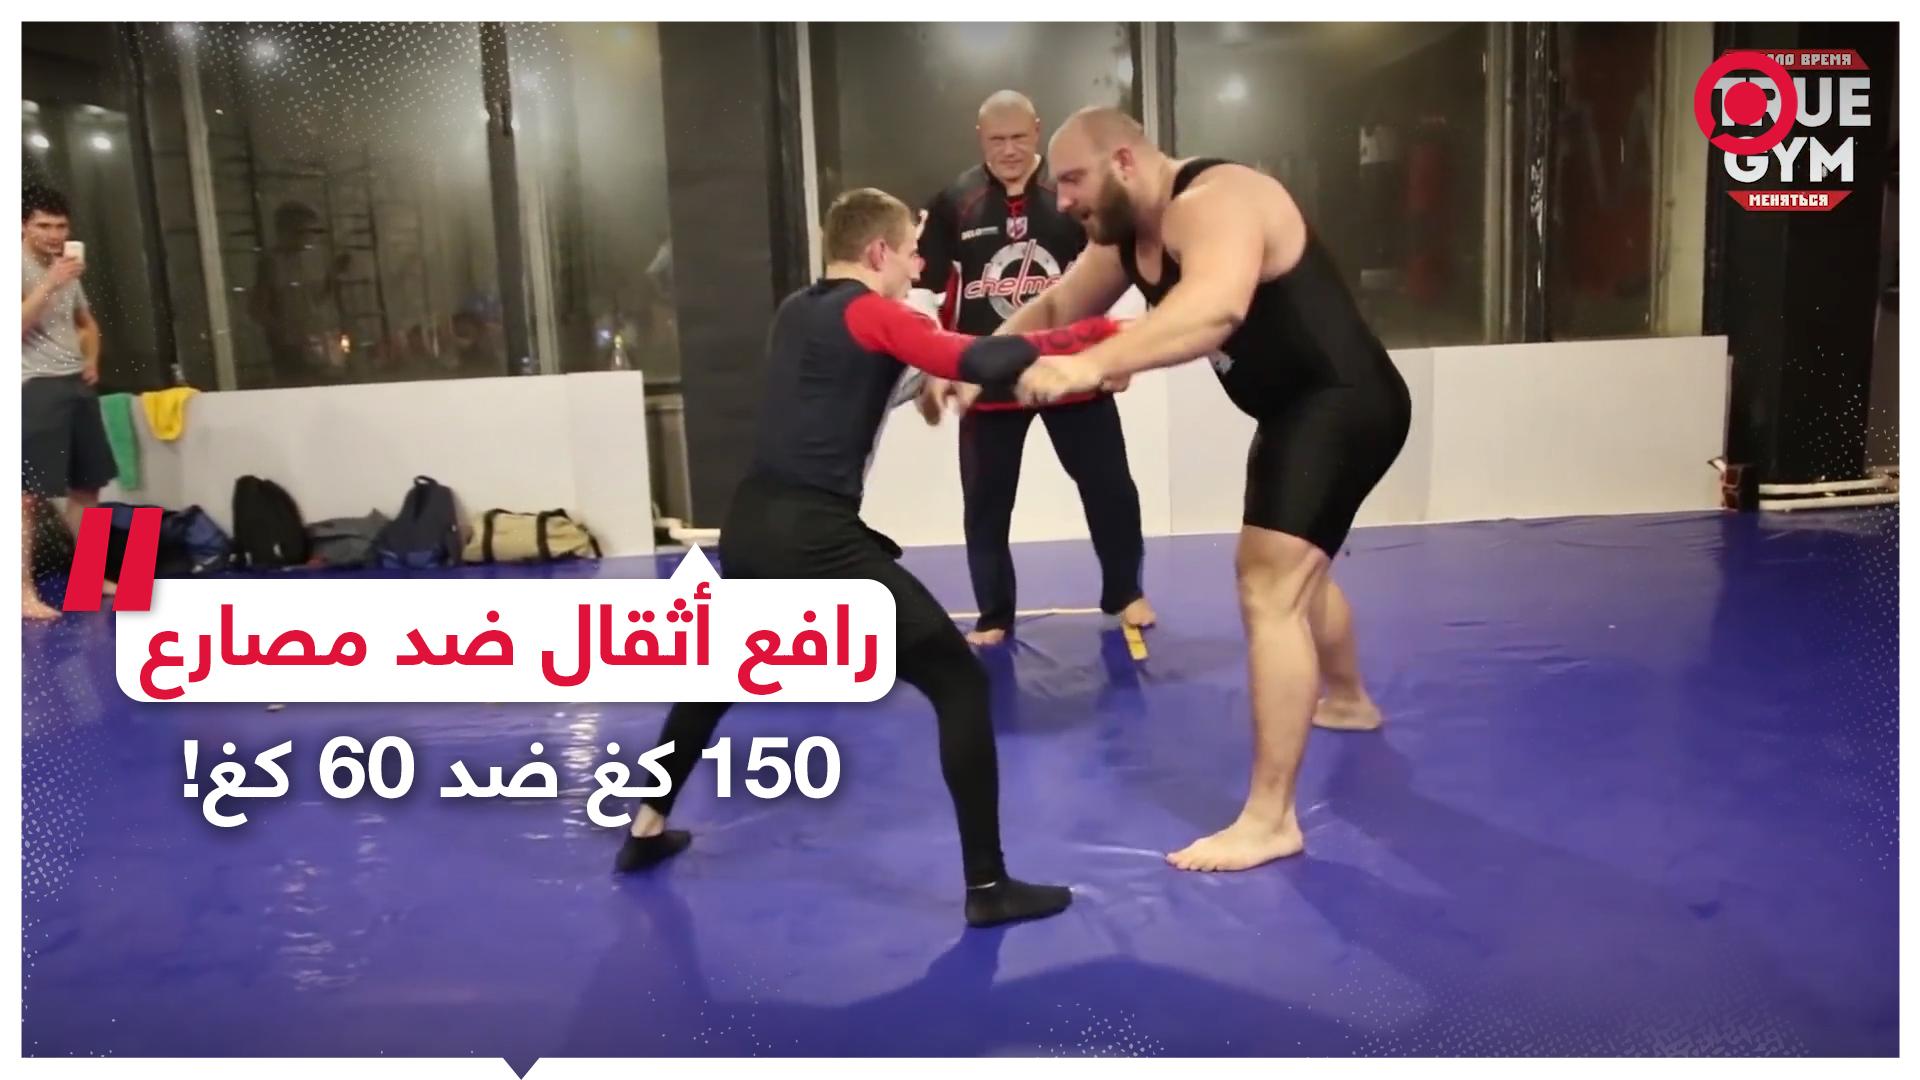 رافع أثقال عملاق ضد مصارع خفيف الوزن